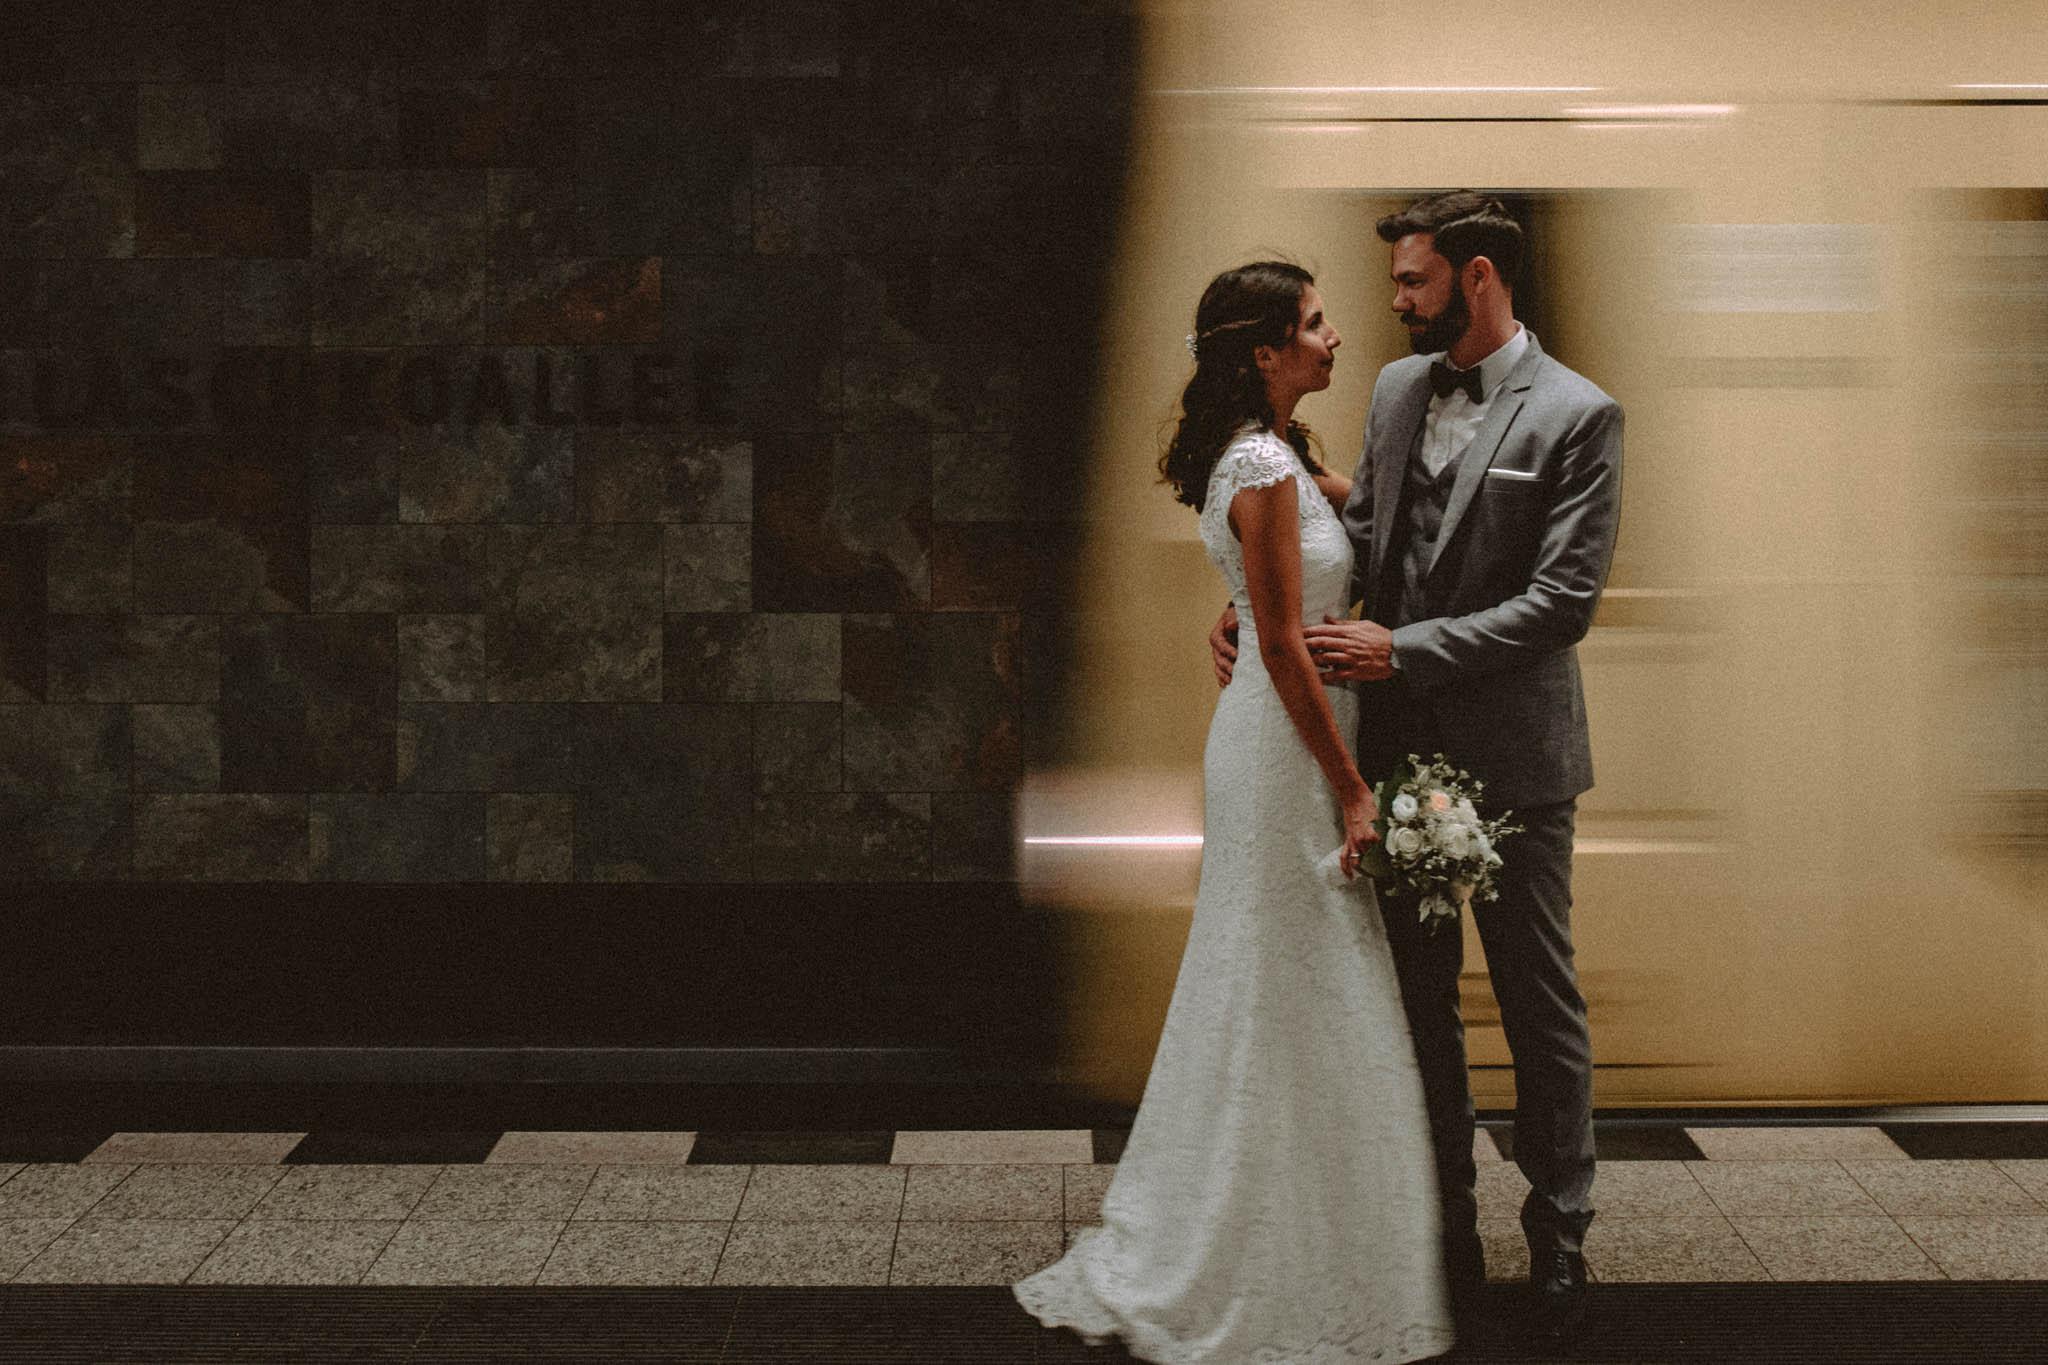 Hochzeit_in_Fabrik23_nhow_7636